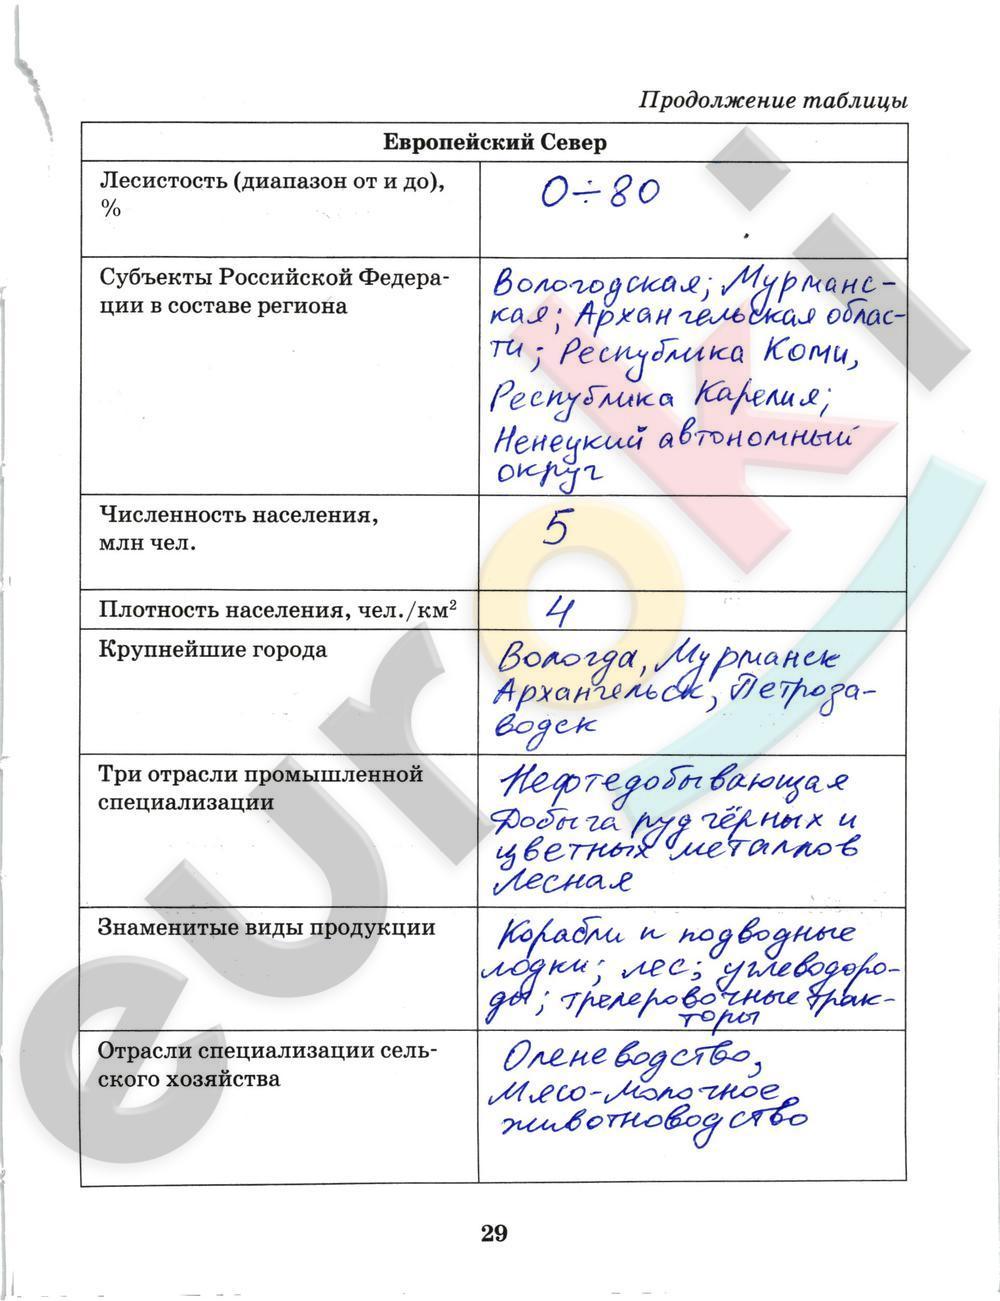 ГДЗ по географии 9 класс рабочая тетрадь Домогацких Часть 1, 2. Задание: стр. 29